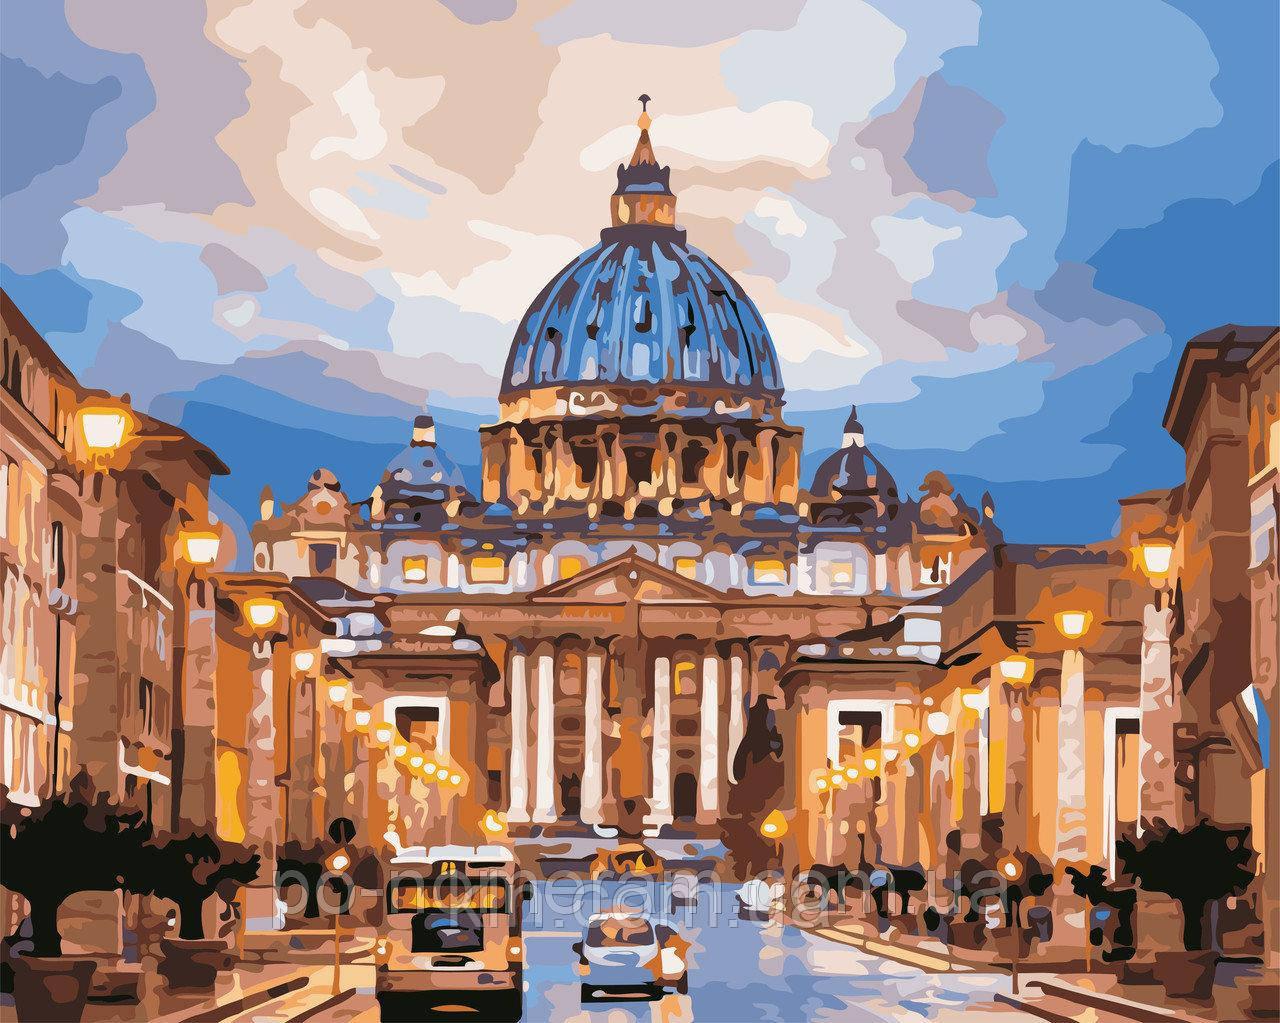 Купить Картина по номерам ArtStory Собор Святого Петра 40 ...